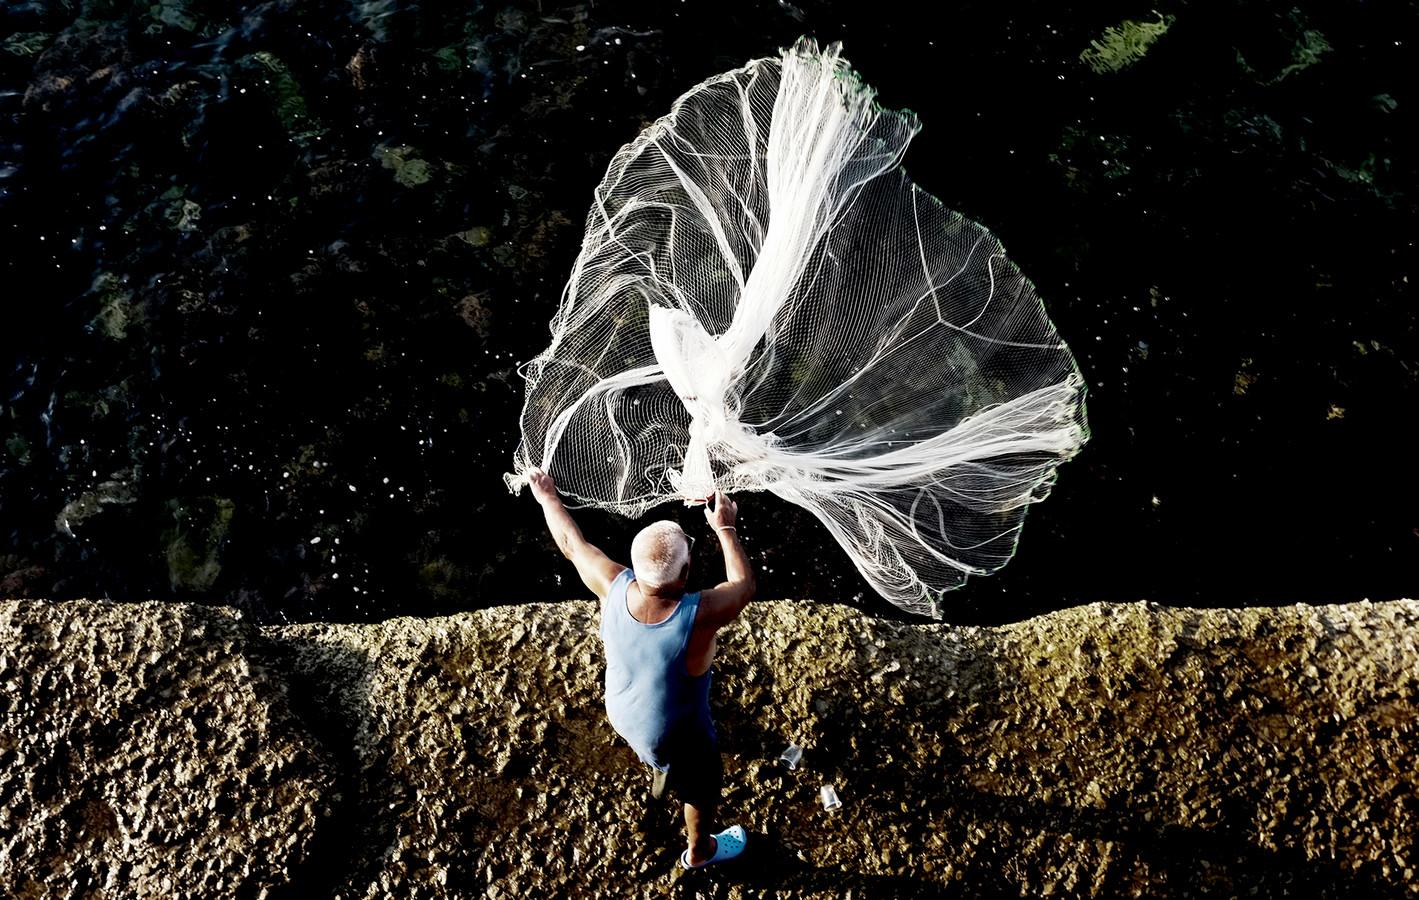 De genomineerde visnetfoto van De Fey.